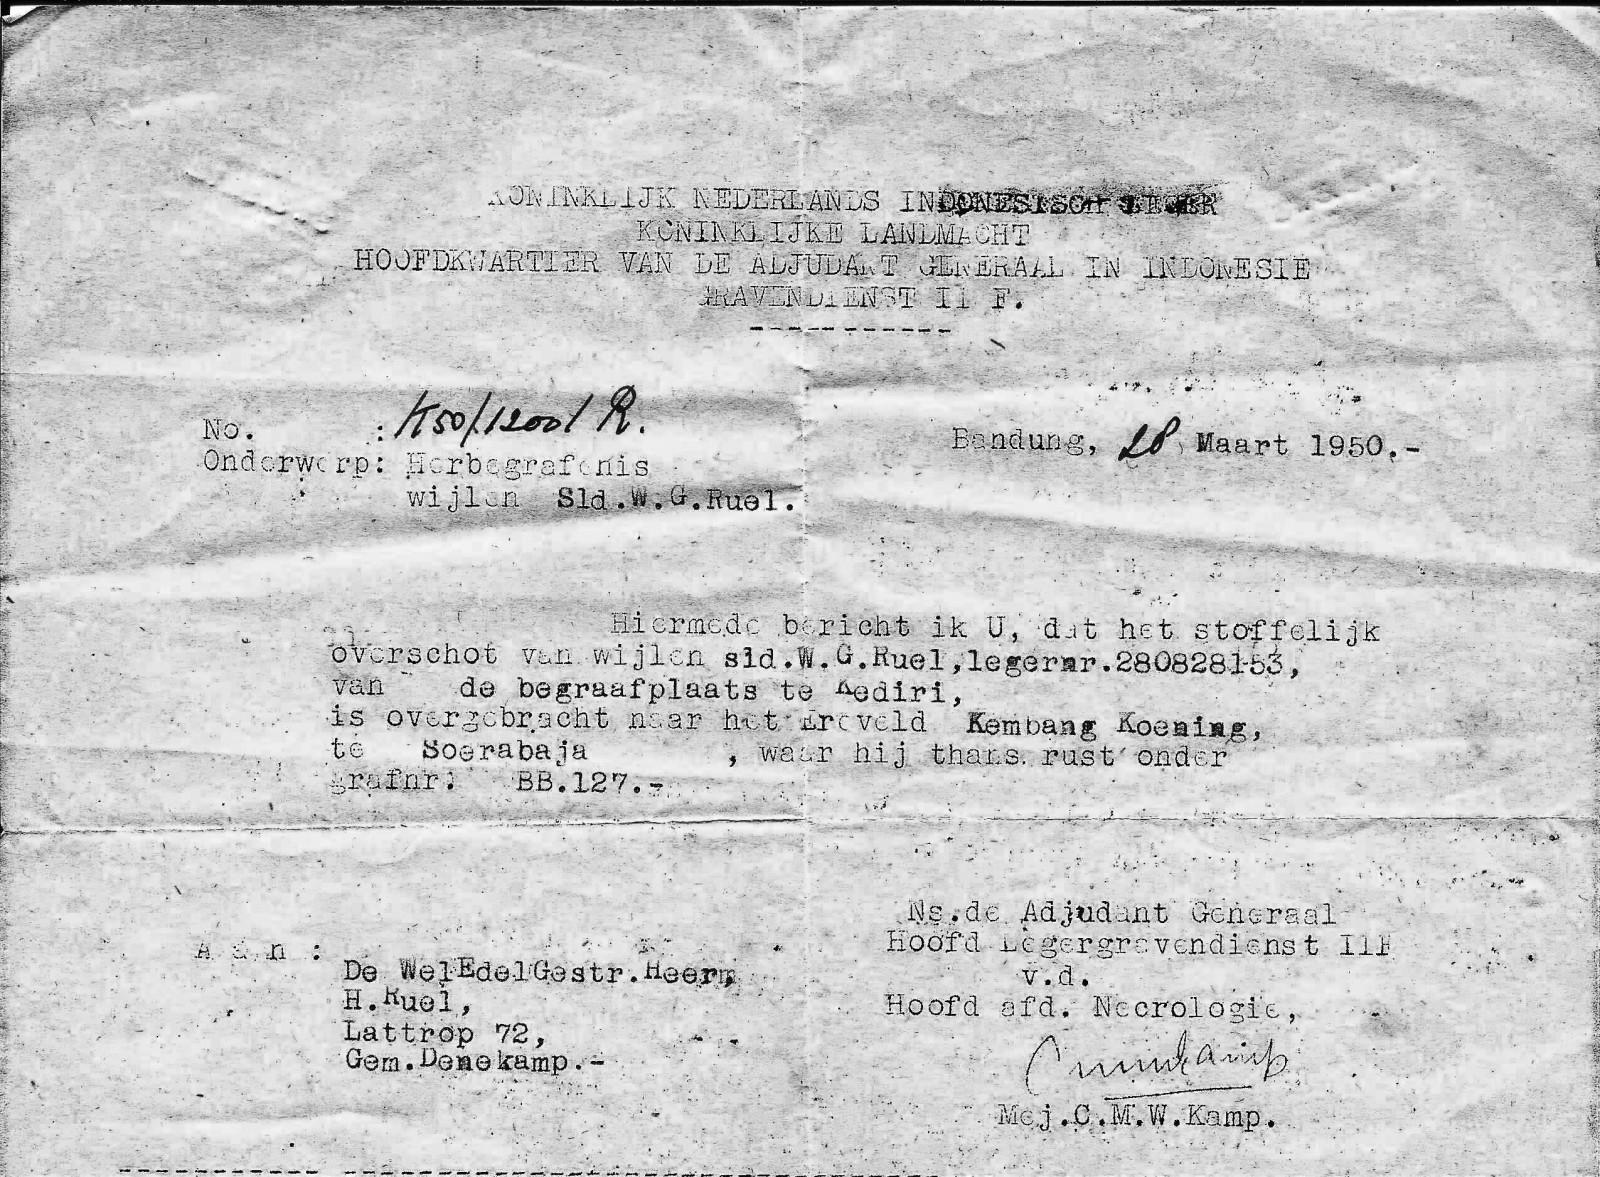 Herbegraven  Bennie Ruël naar Ereveld Kembang Koening Soebaraja 1950